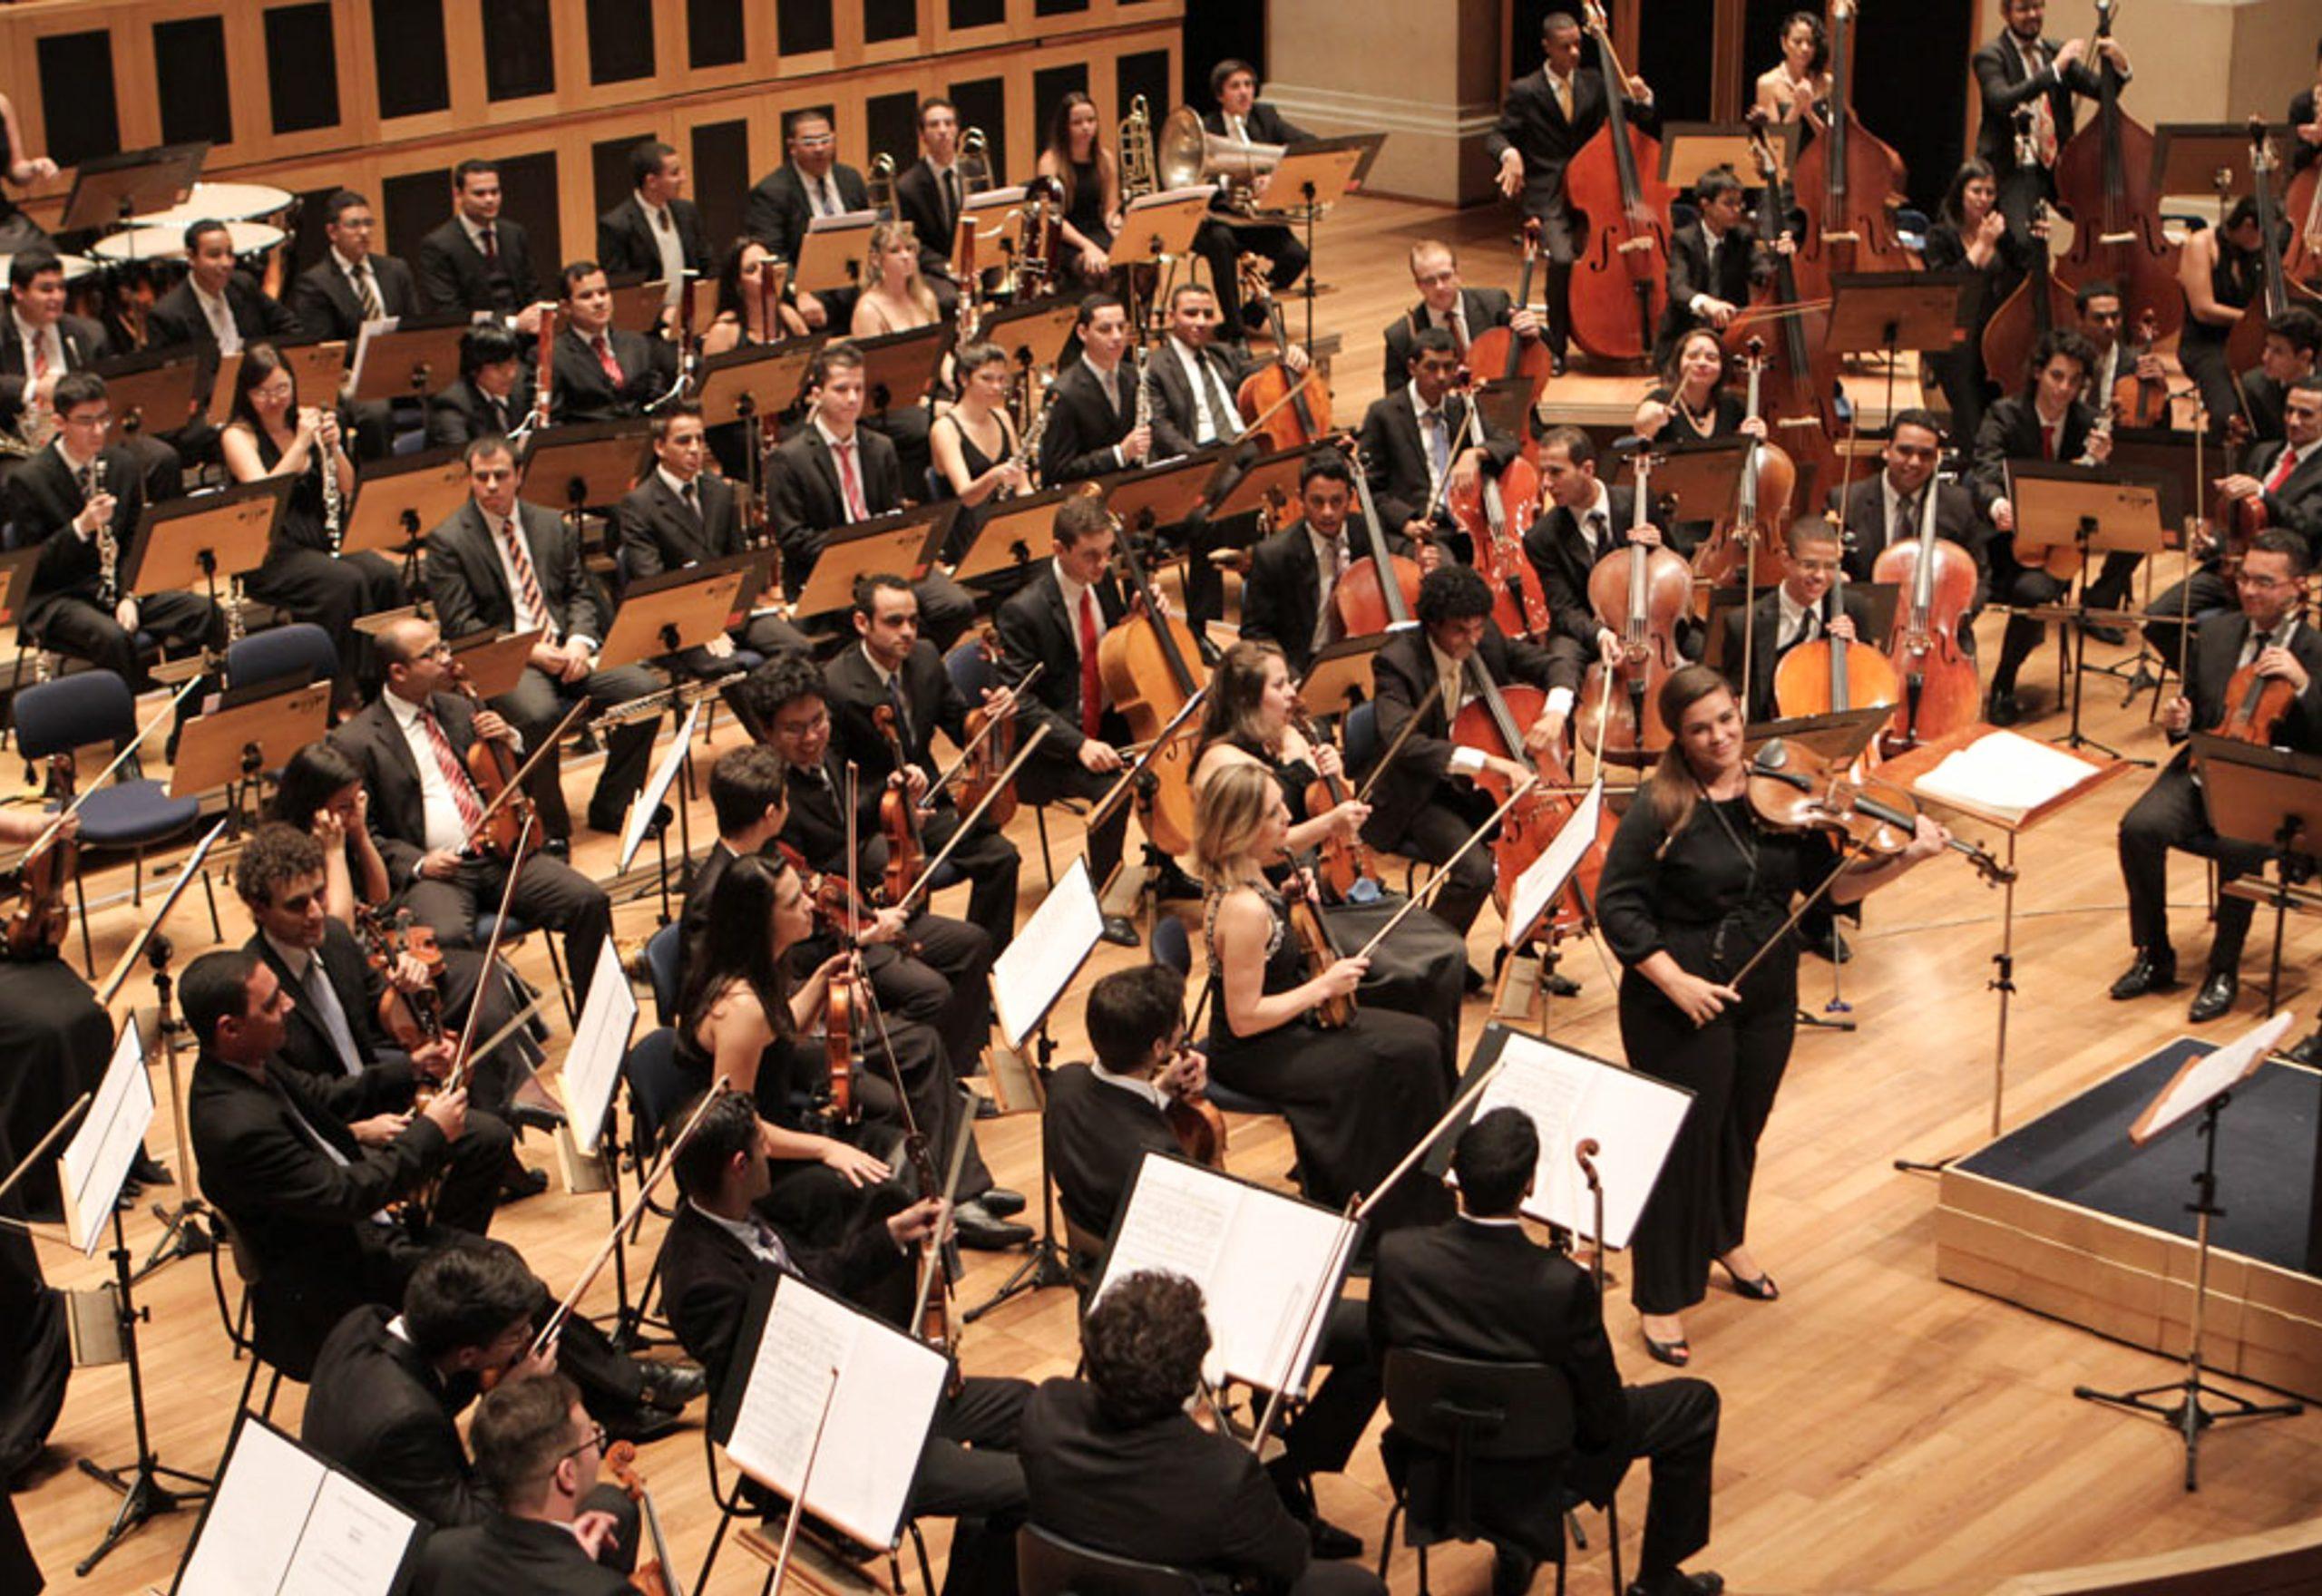 Orquestra Tom Jobim abre a temporada com clássicos de Egberto Gismonti, Gilberto Gil, Edu Lobo e Chico Buarque